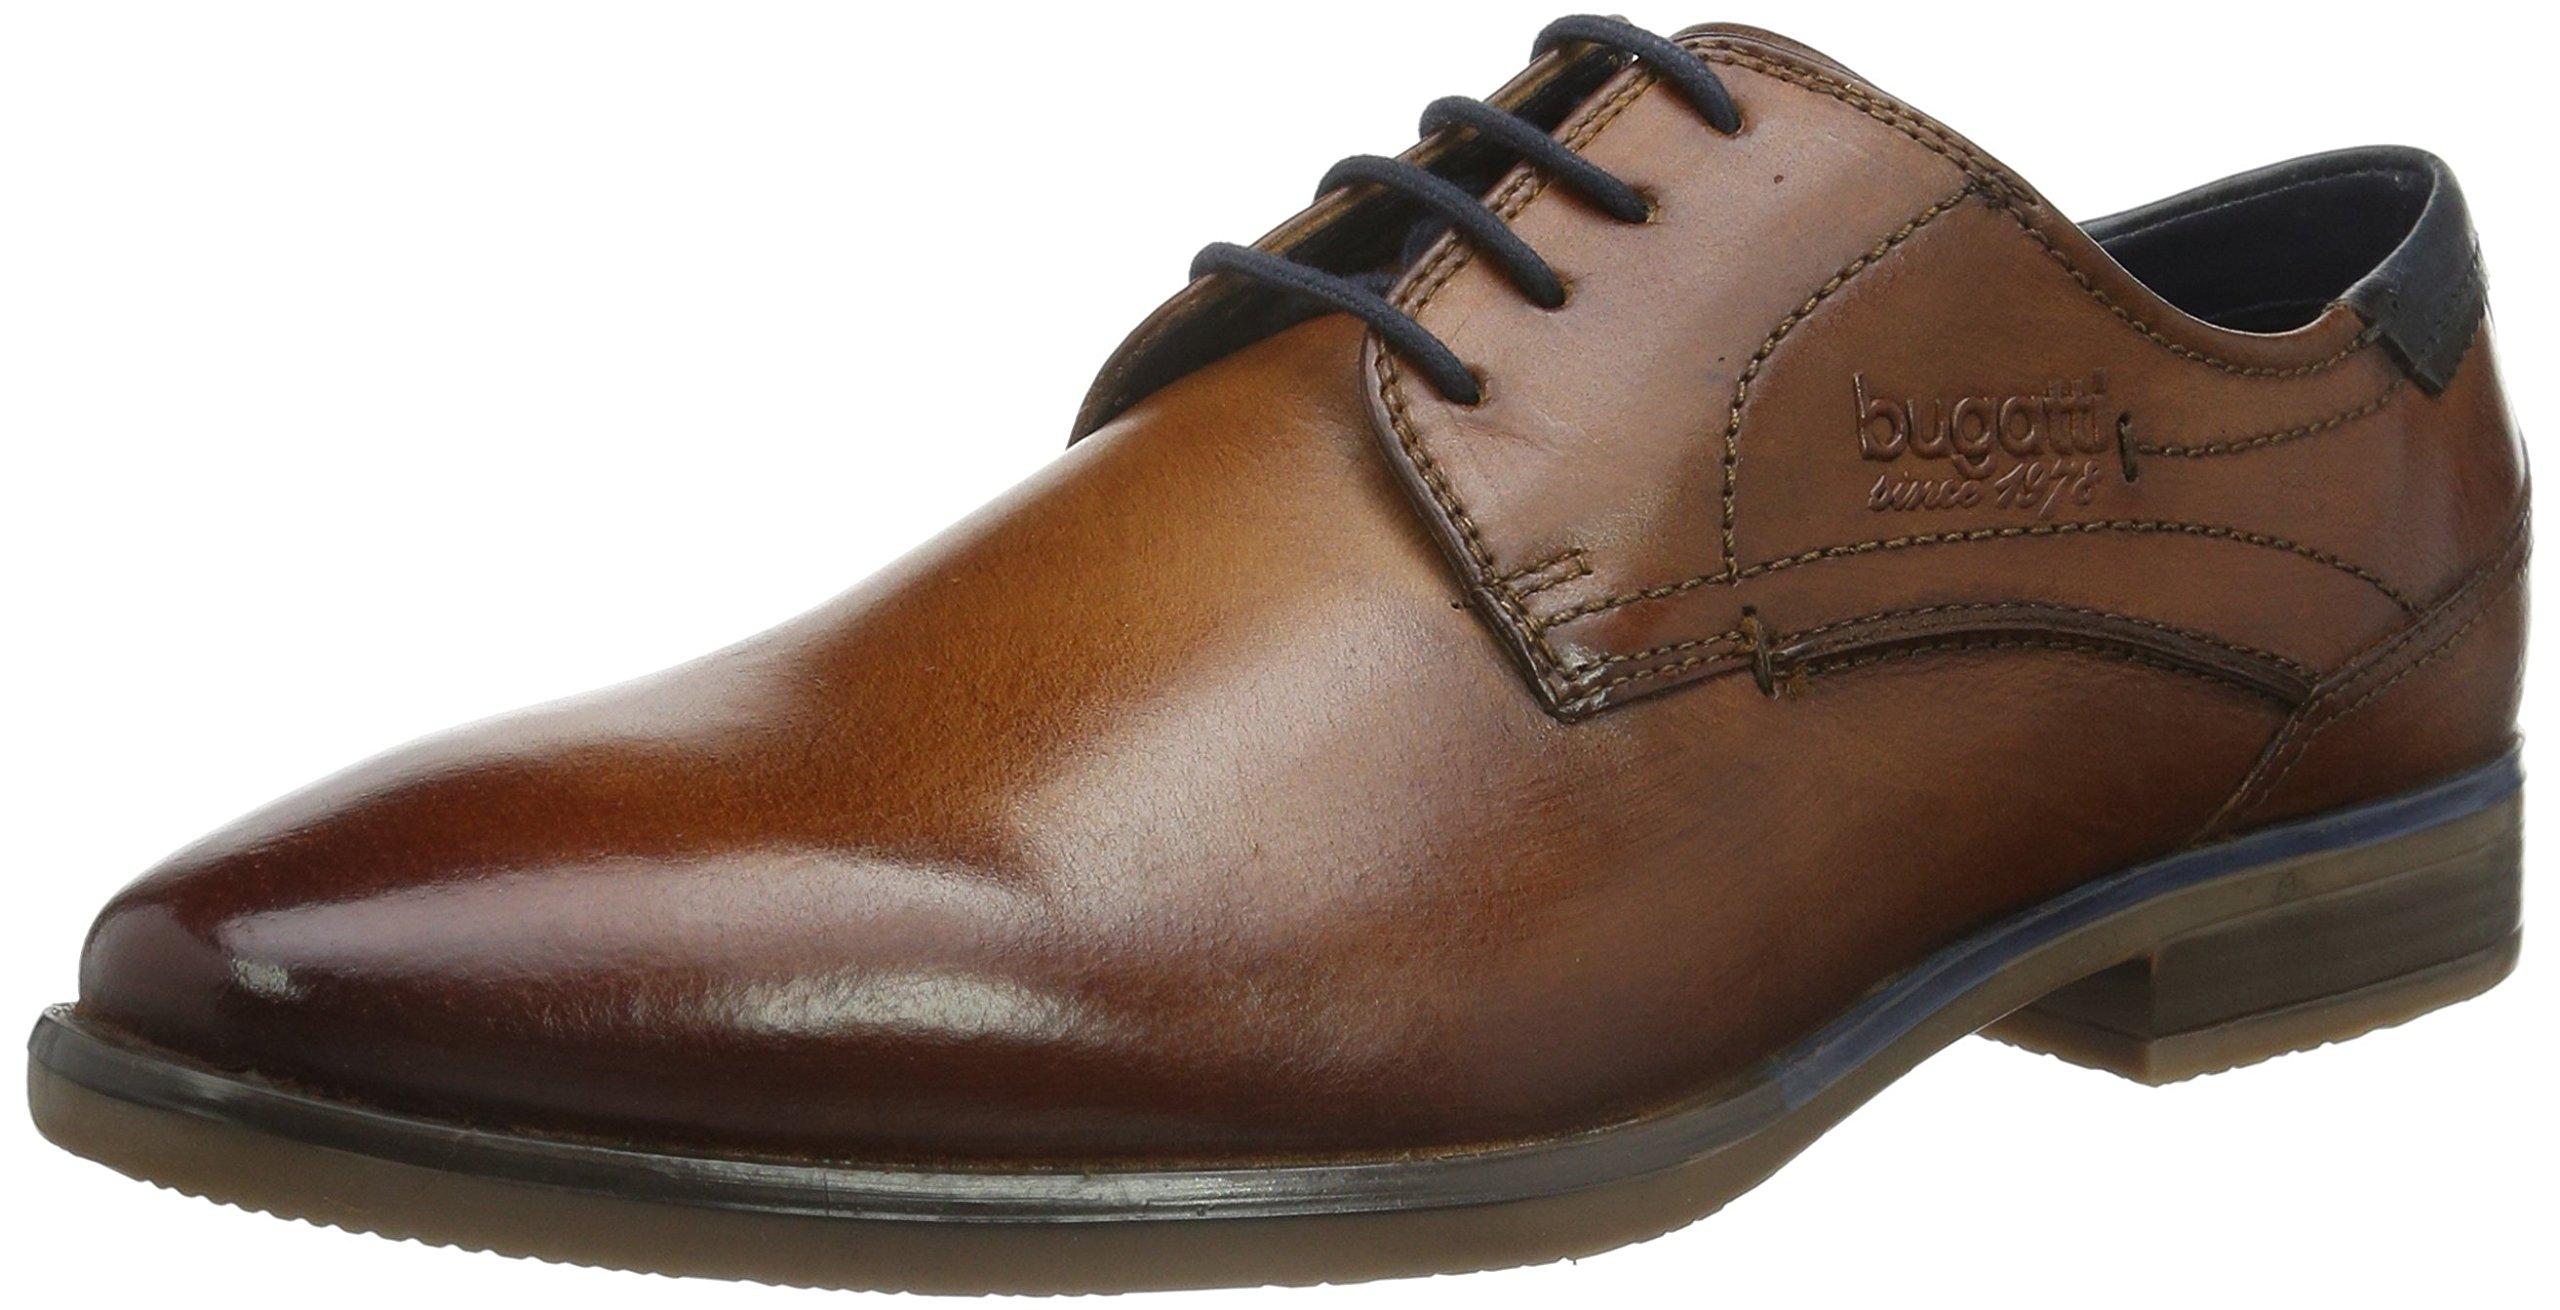 (TG. 43 EU) Bugatti 312167012100 - Scarpe Stringate Uomo, Marrone (R3R) Scarpe classiche da uomo